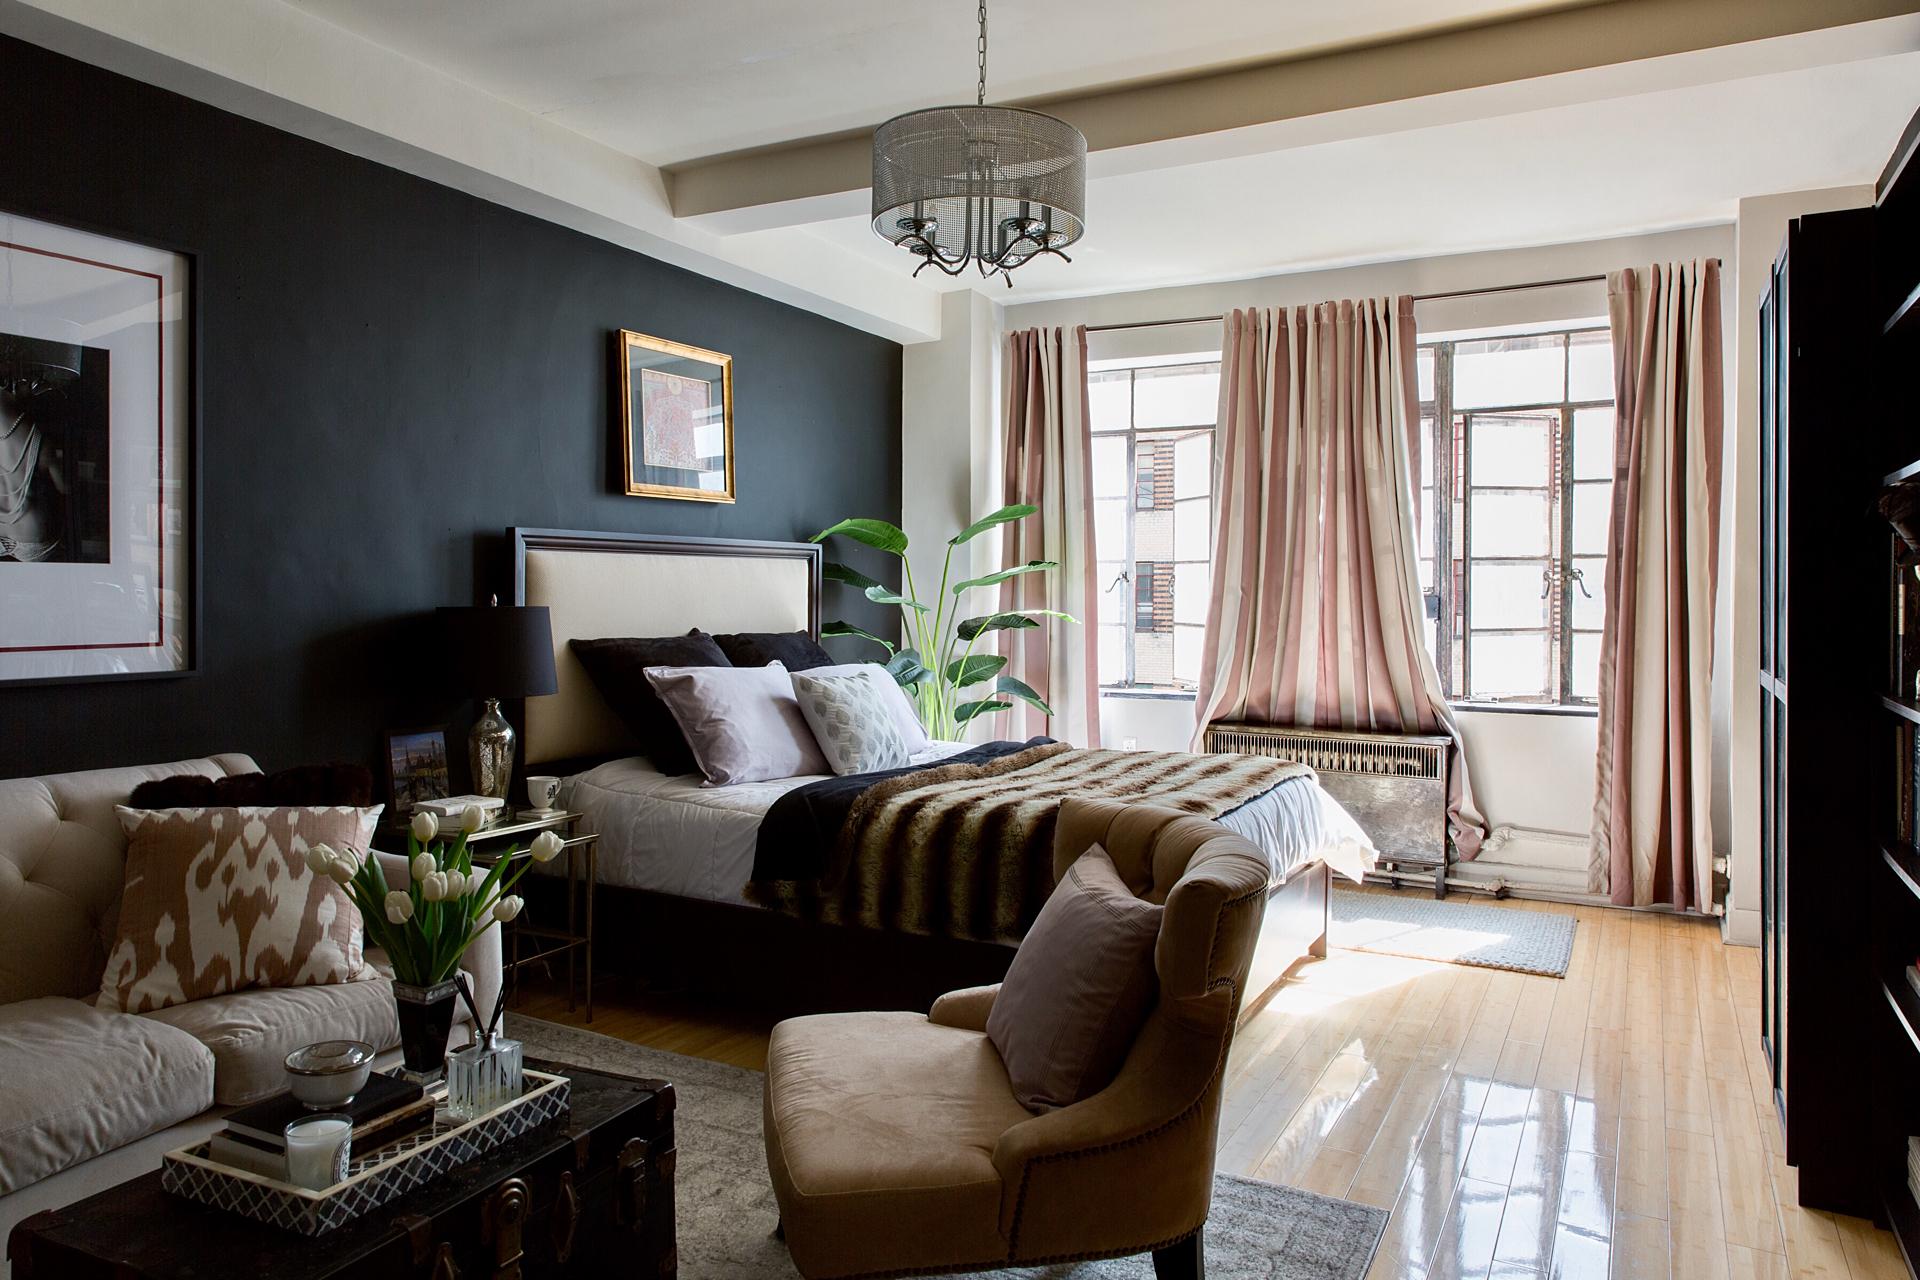 гостиная спальня кровать изголовье окно кресло